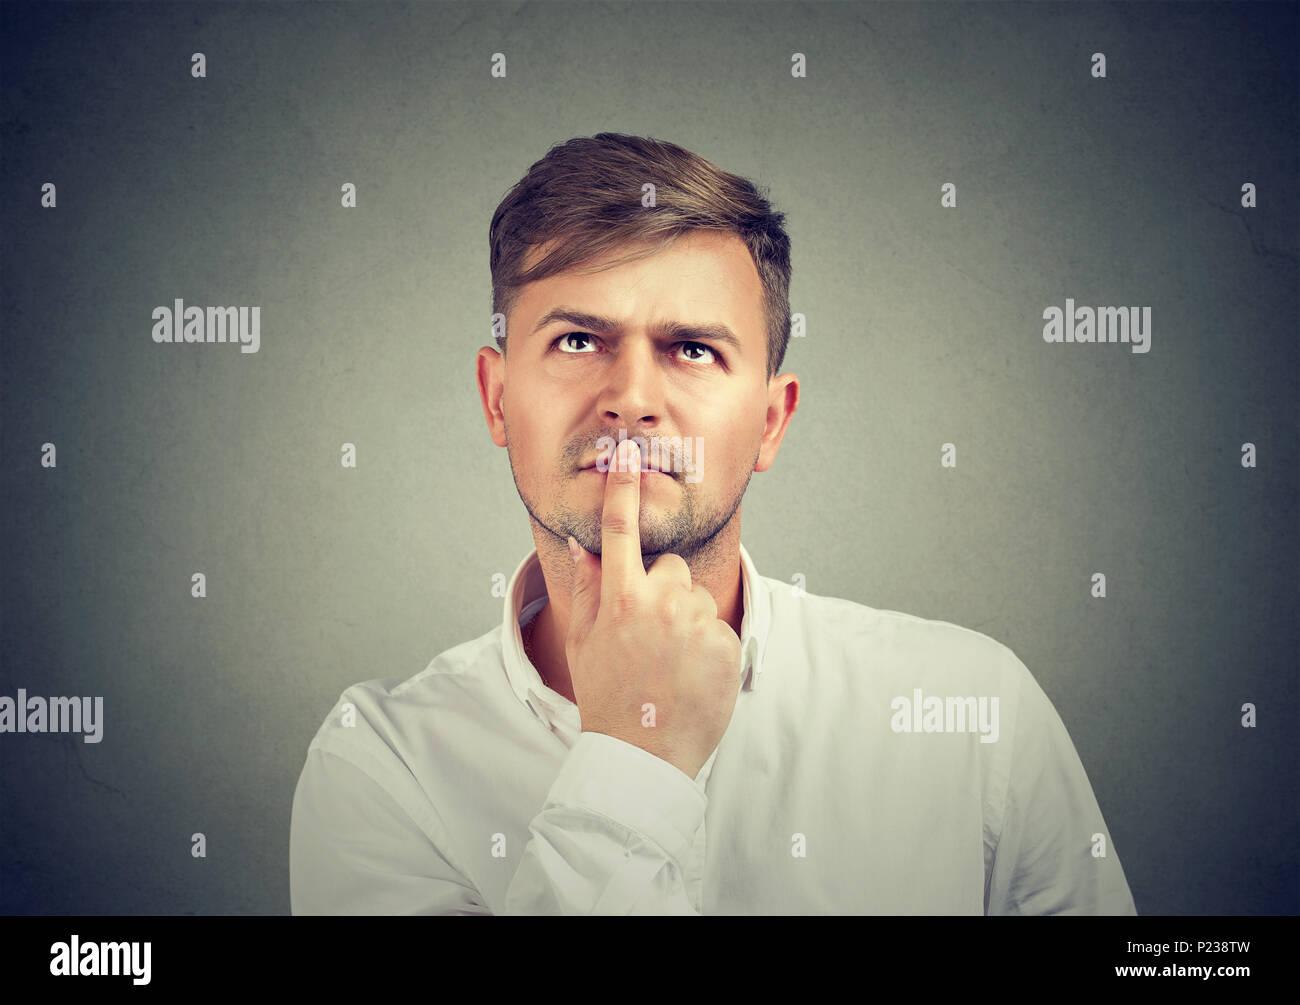 Stattliche legerer Mann im weißen Hemd berühren Lippen mit Finger und Denken auf Problem suchen. Stockfoto